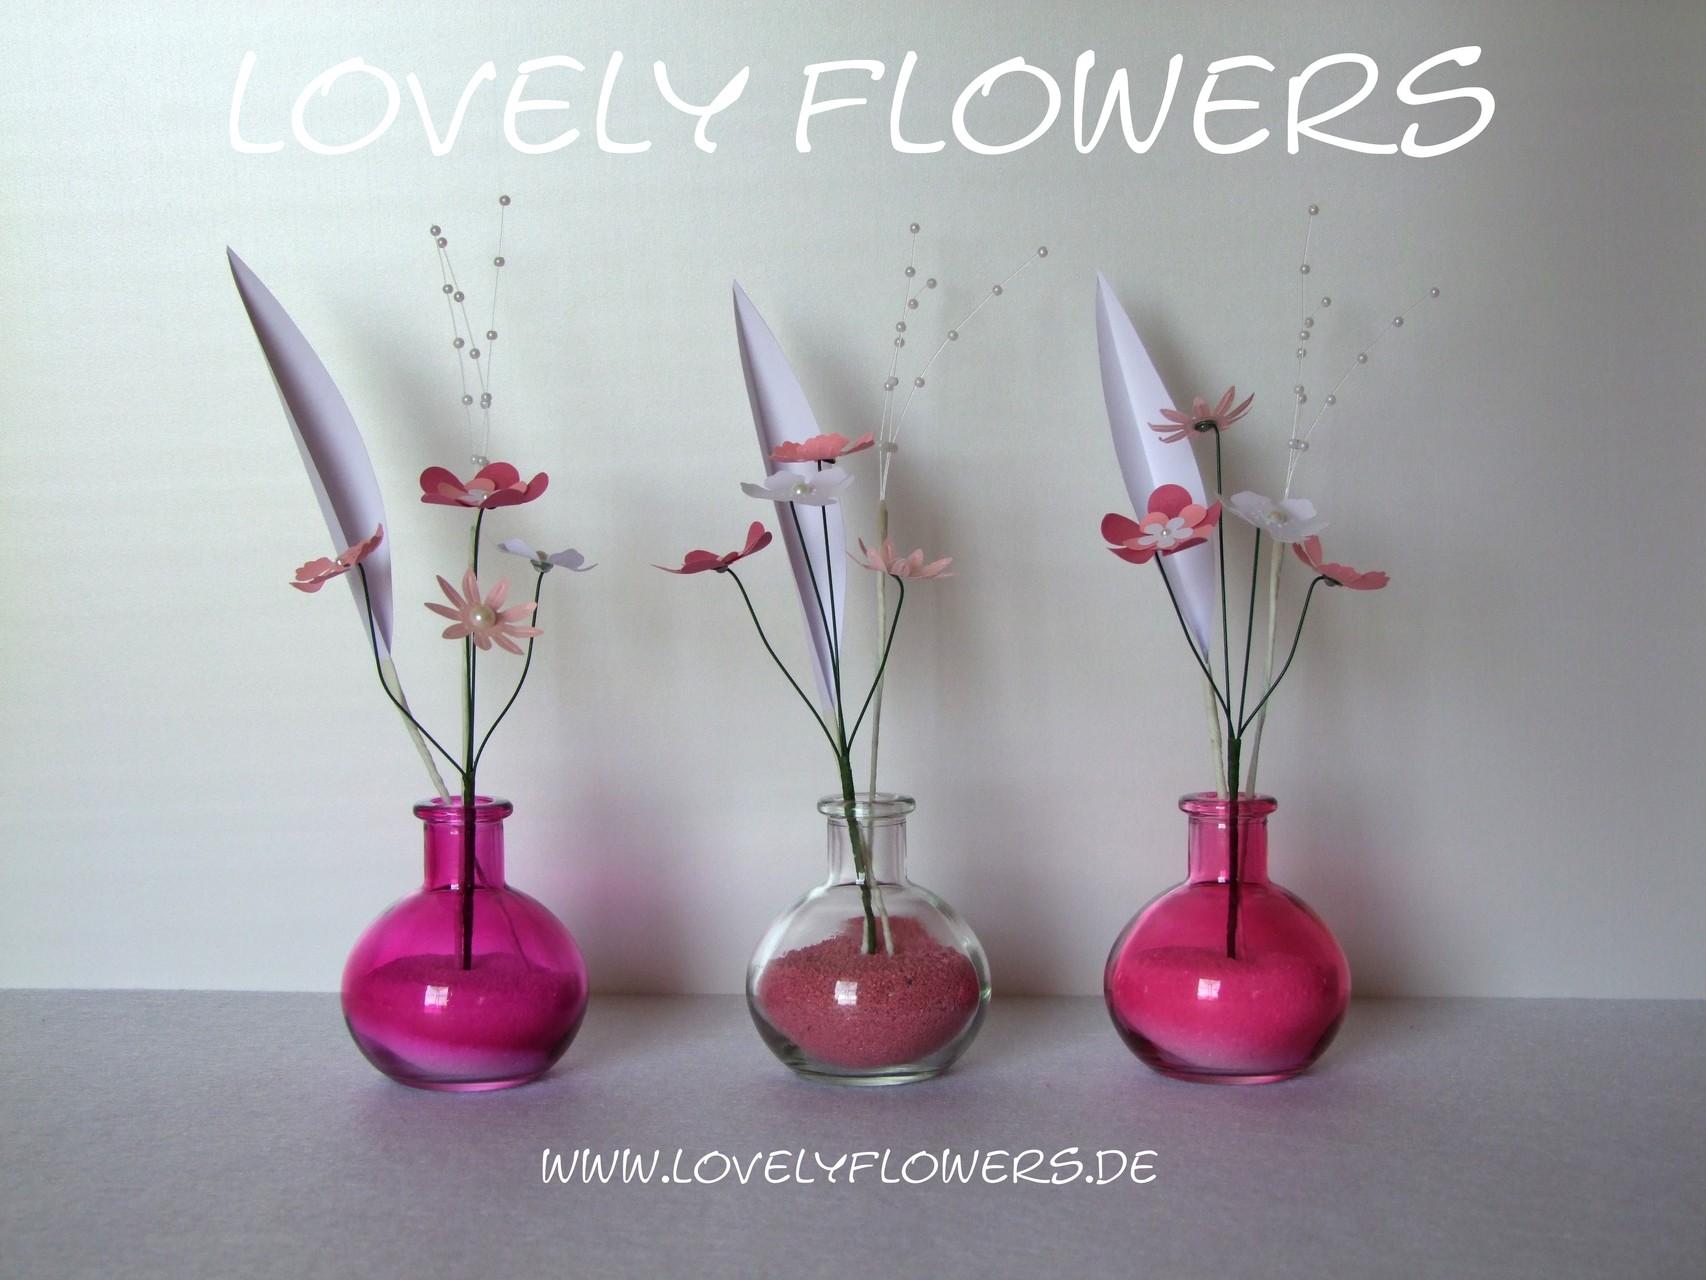 www.lovelyflowers.de - Dein Spezialist für stylische PAPER-ART-Blumendekorationen!